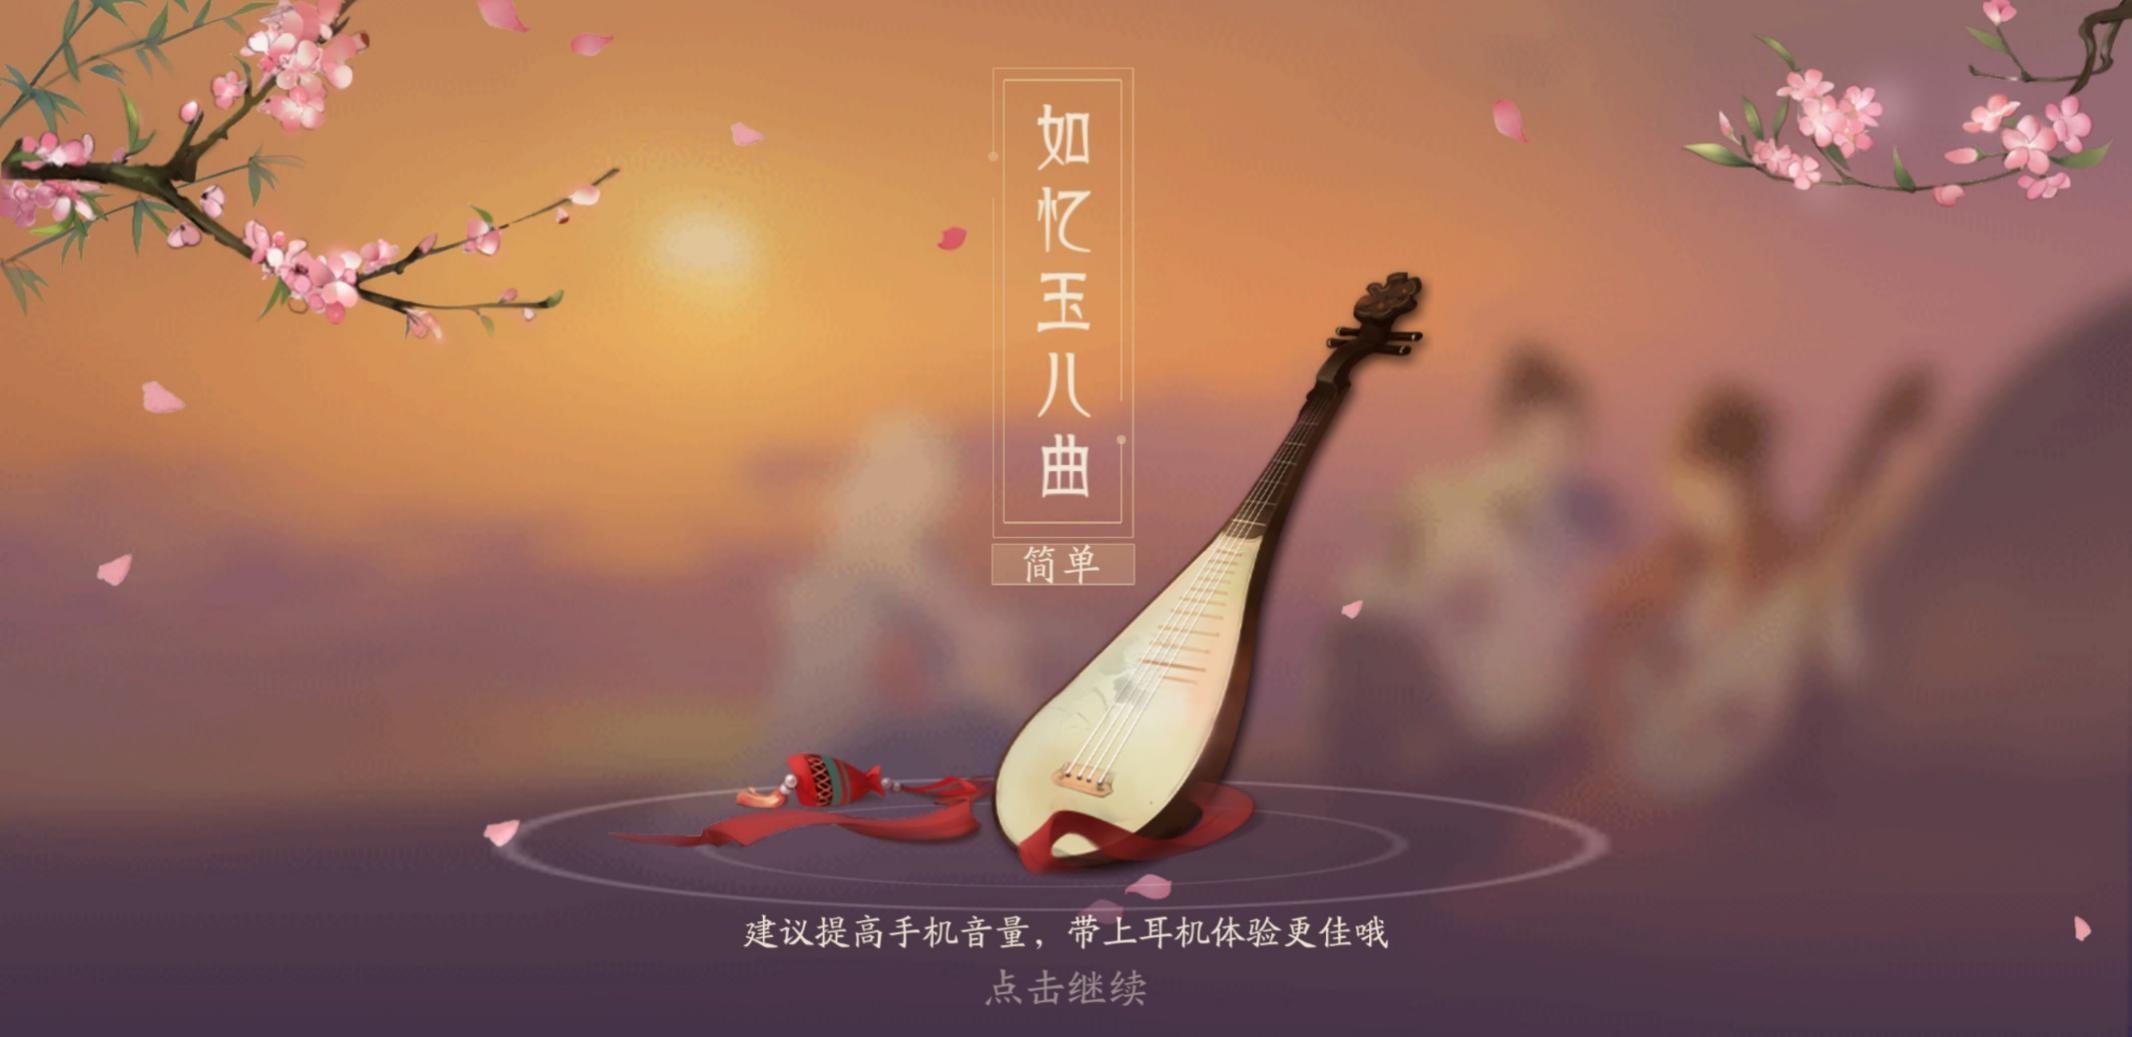 《轩辕剑龙舞云山》评测8分:水墨国风现盛唐,创新战斗嗨翻天